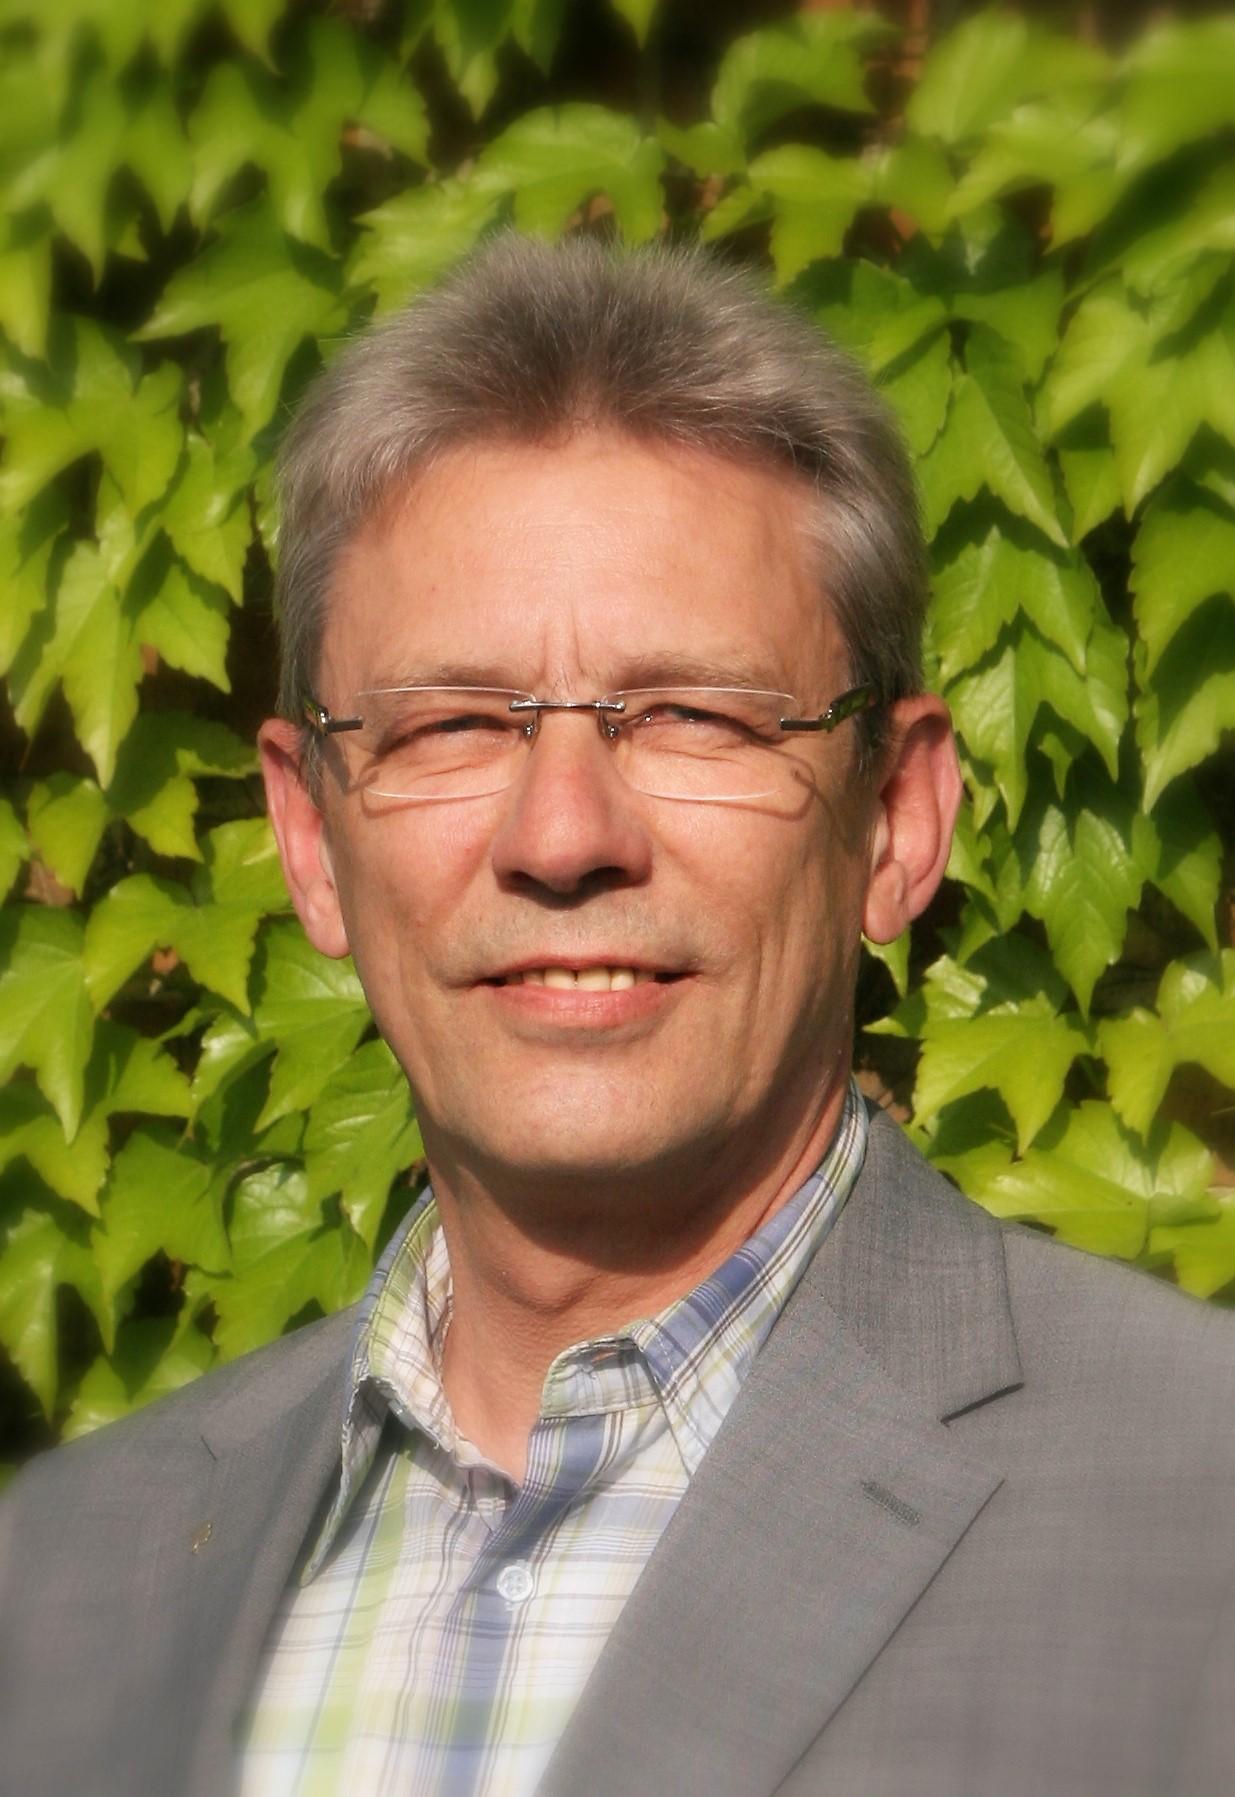 Hans-Jürgen Grzanna